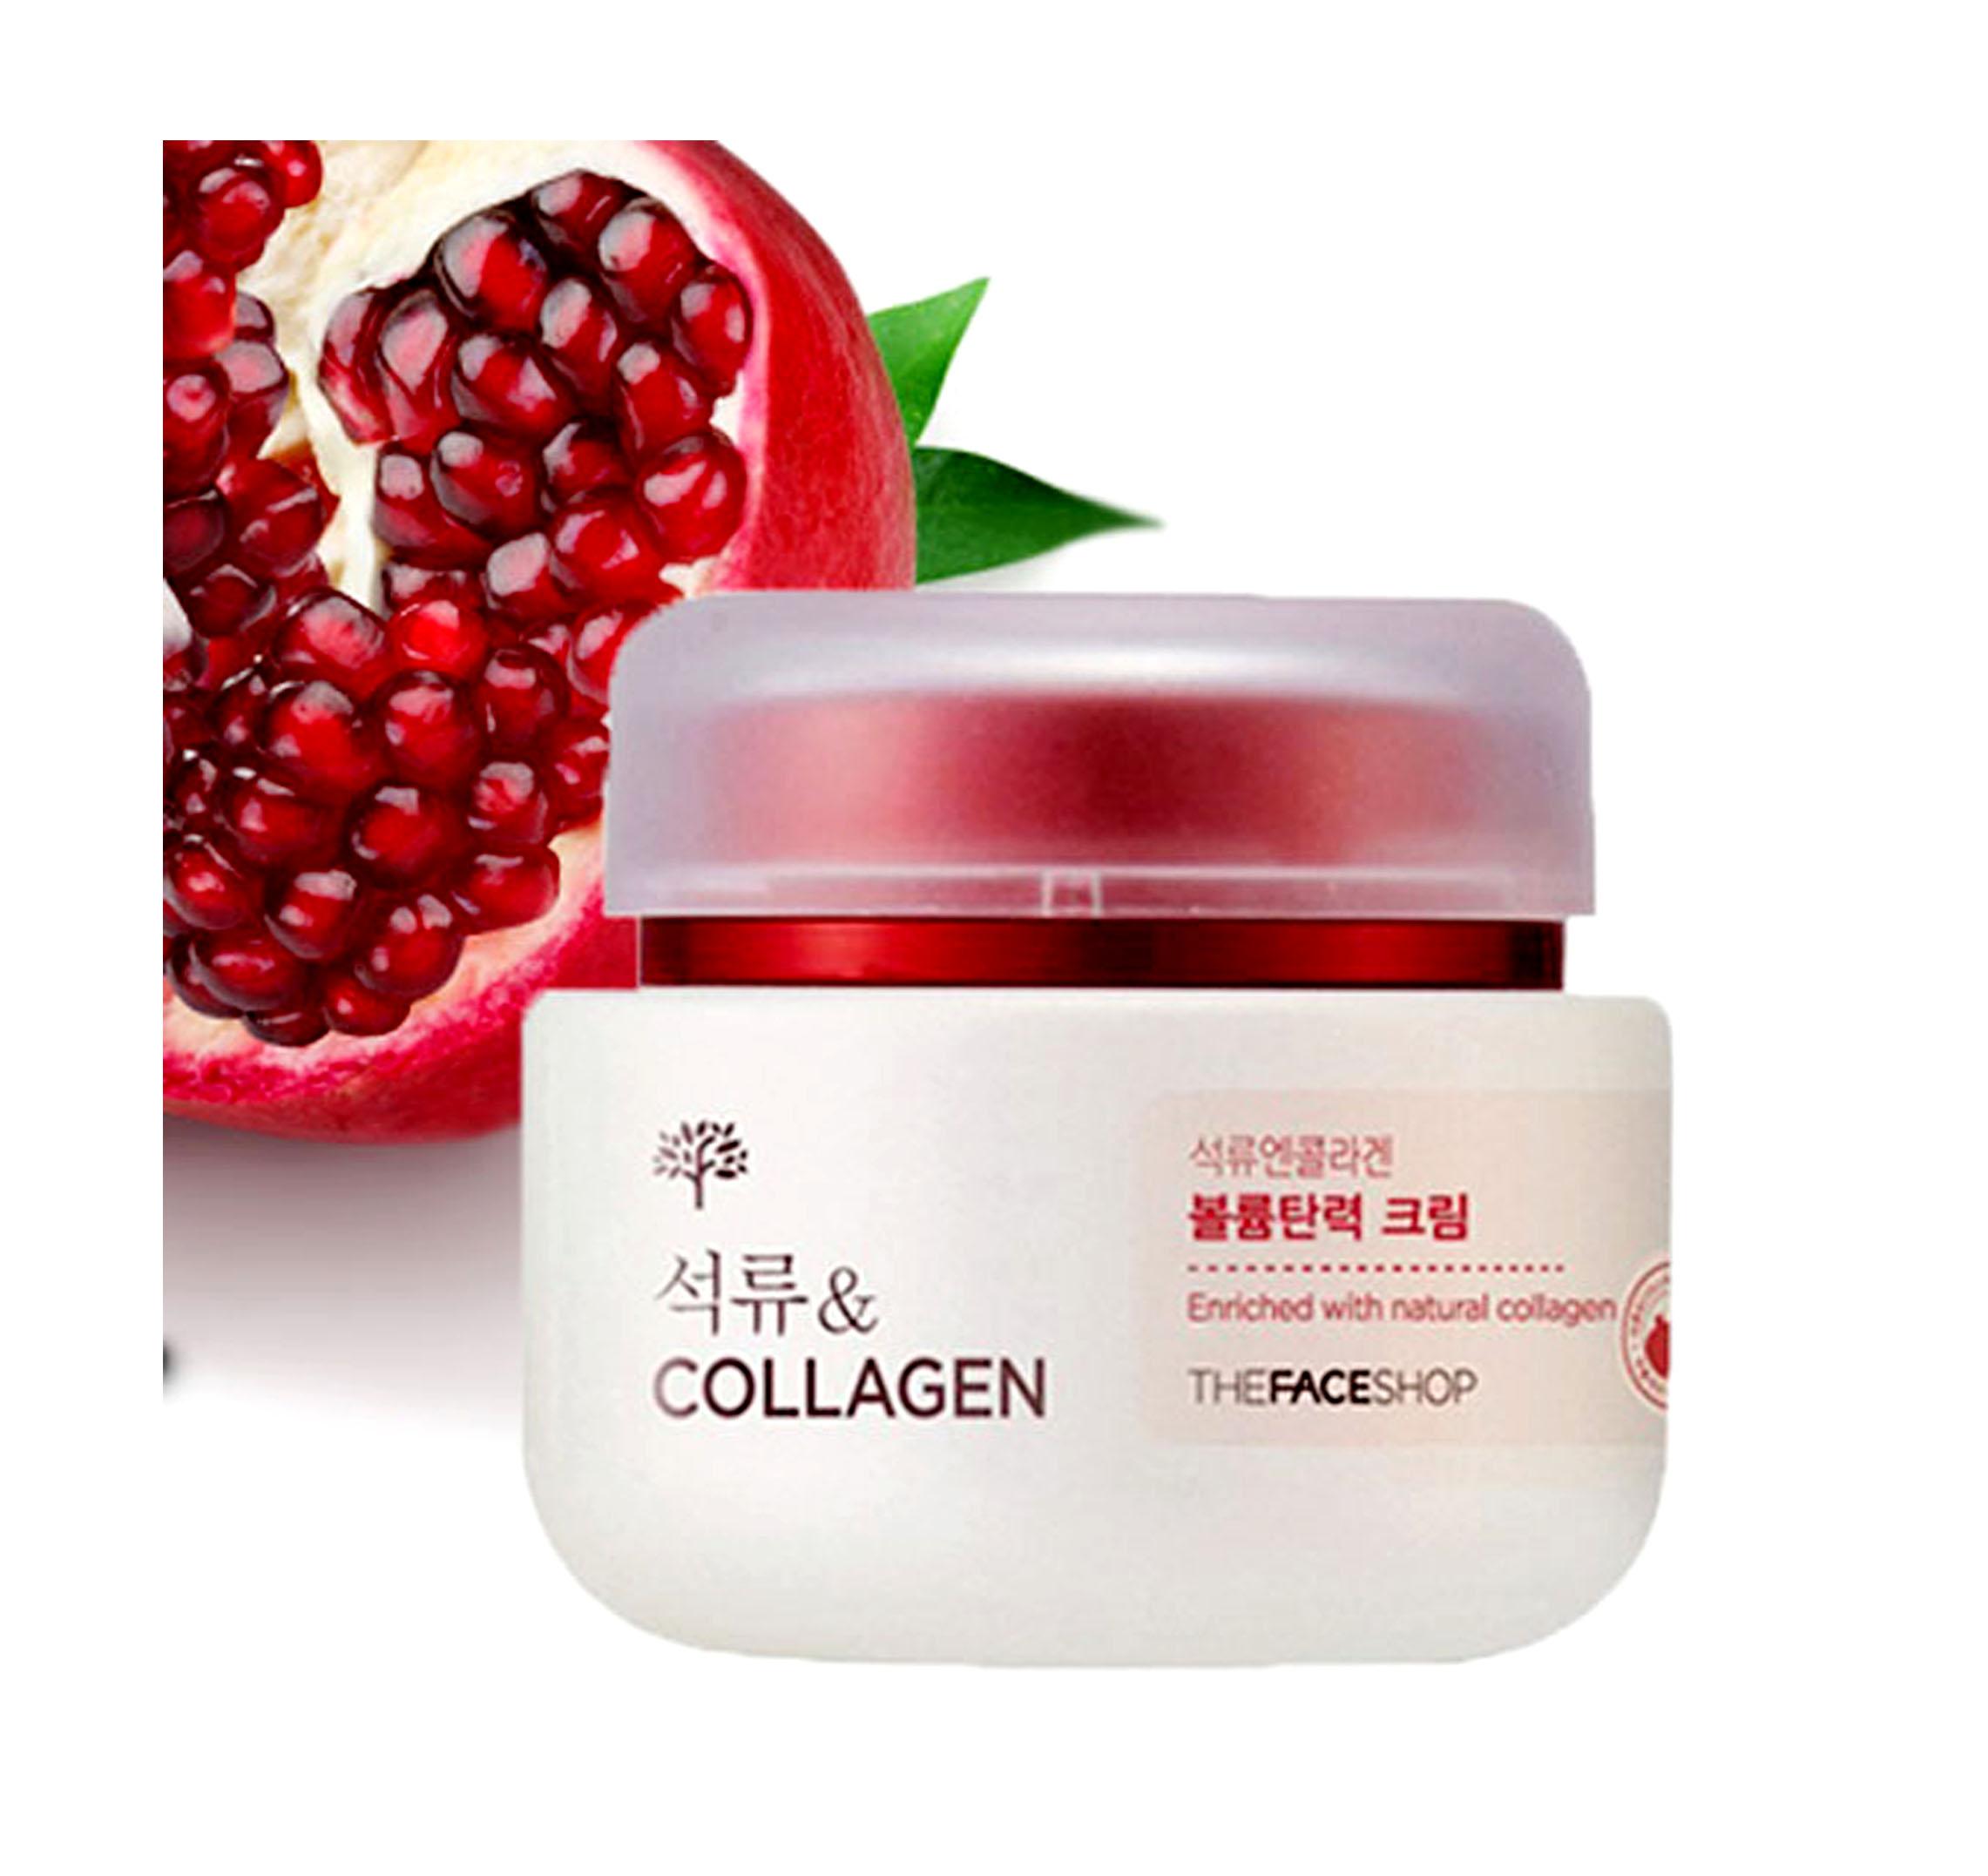 kem dưỡng da collagen lựu the face shop (chống lão hoá , trắng da)